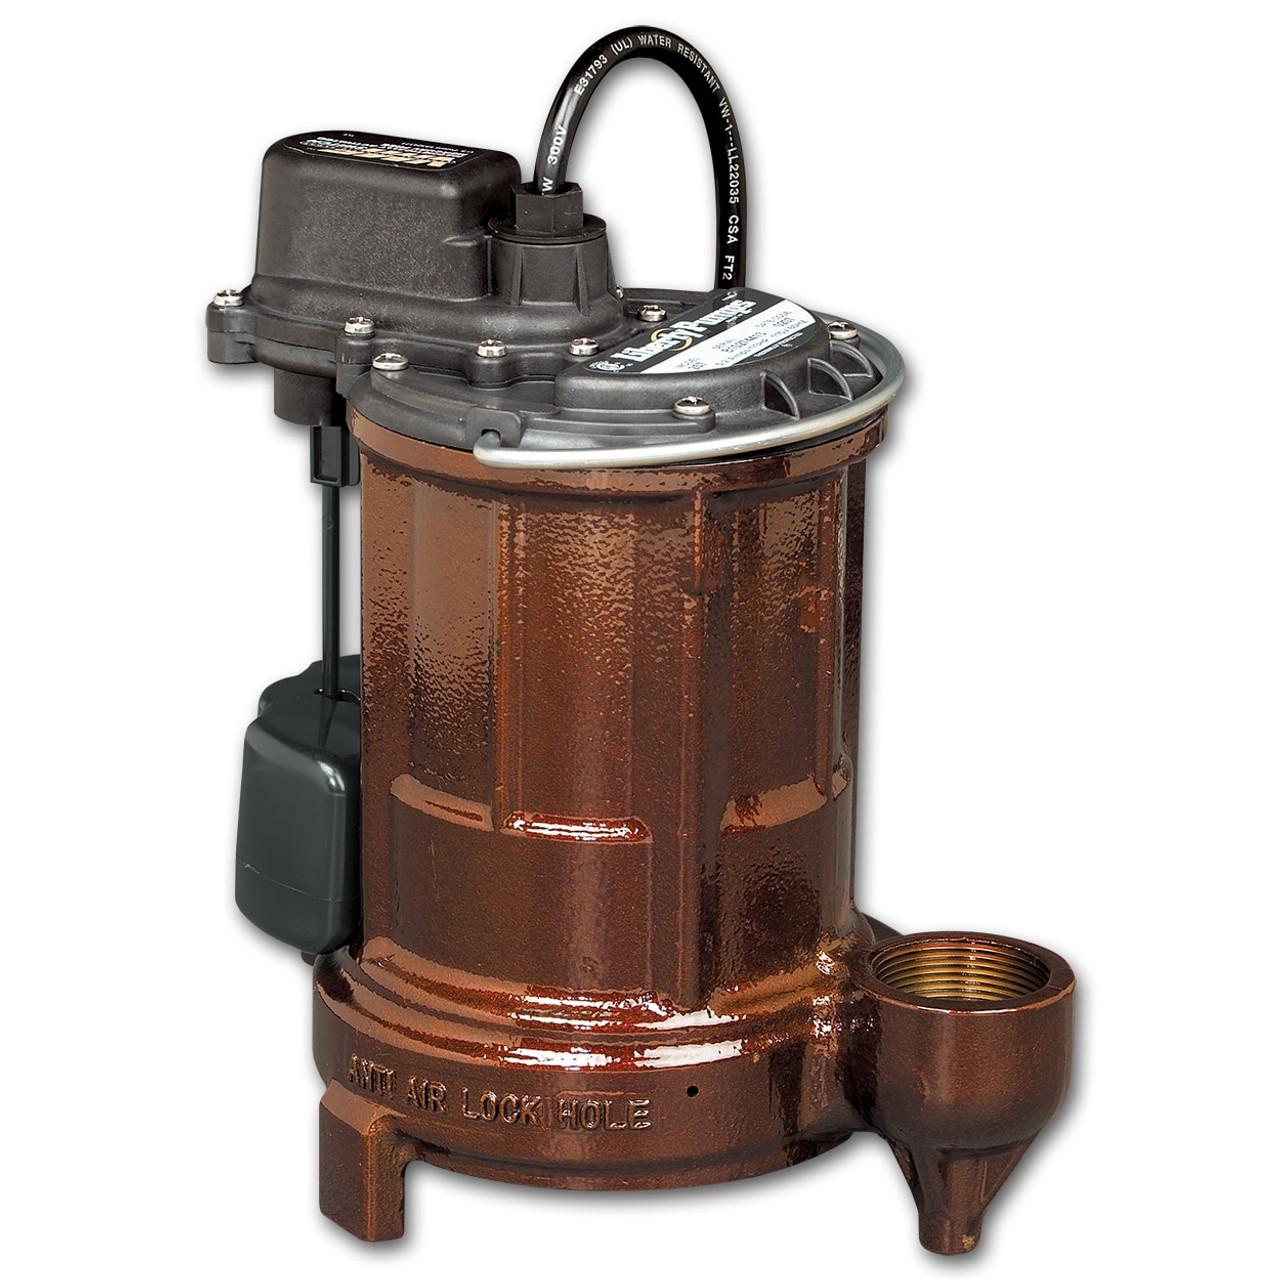 Liberty Pumps Model 257 Sump Pump